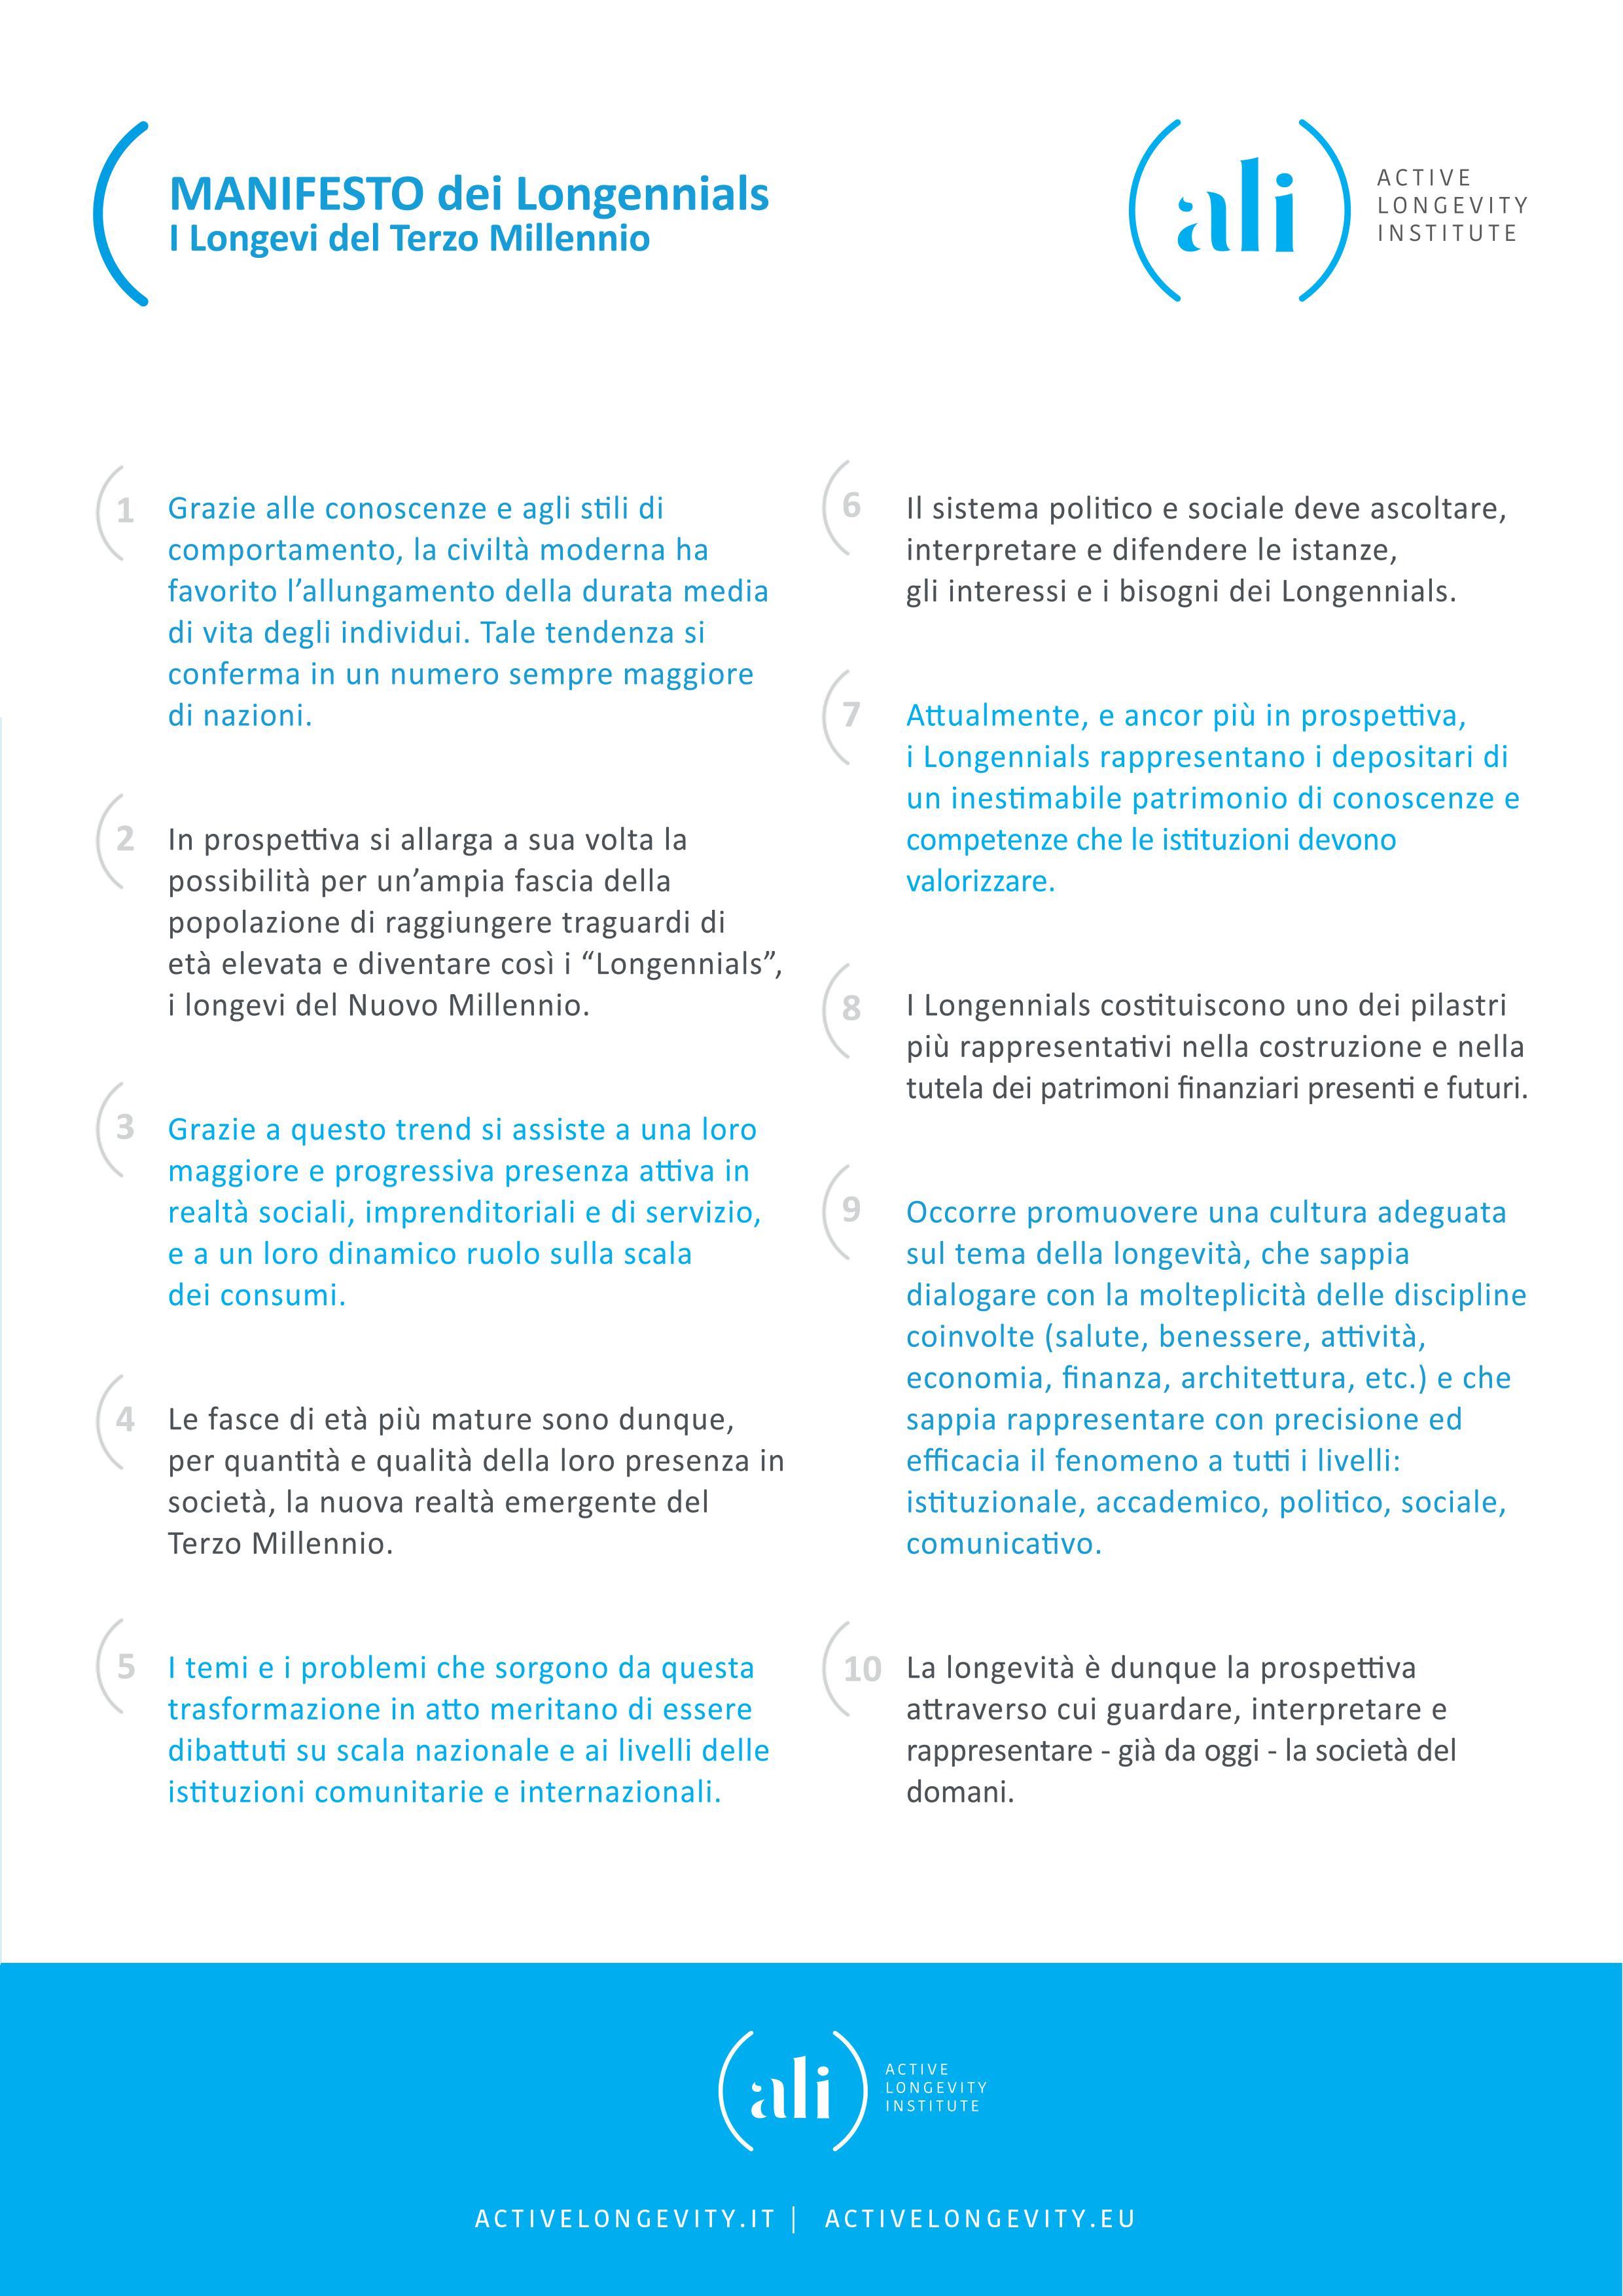 Il Manifesto dei Longennials, Con chi riparte l'economia?